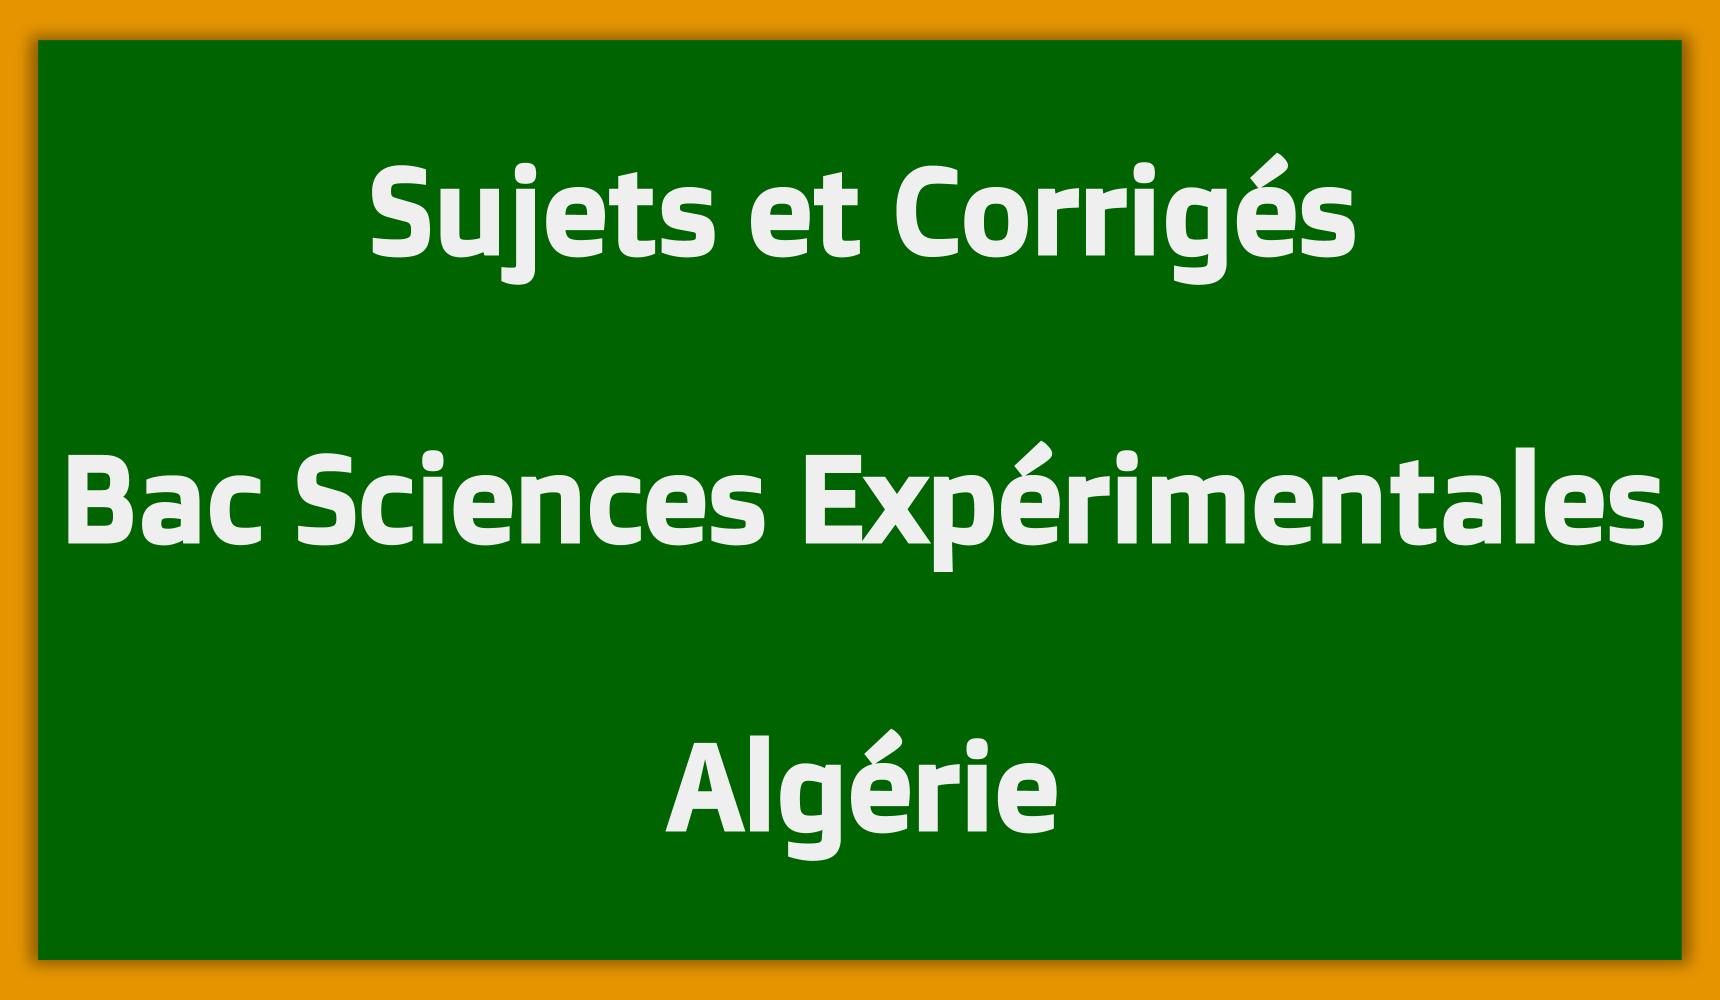 Sujets Corrigés Bac Sciences Expérimentales Algérie